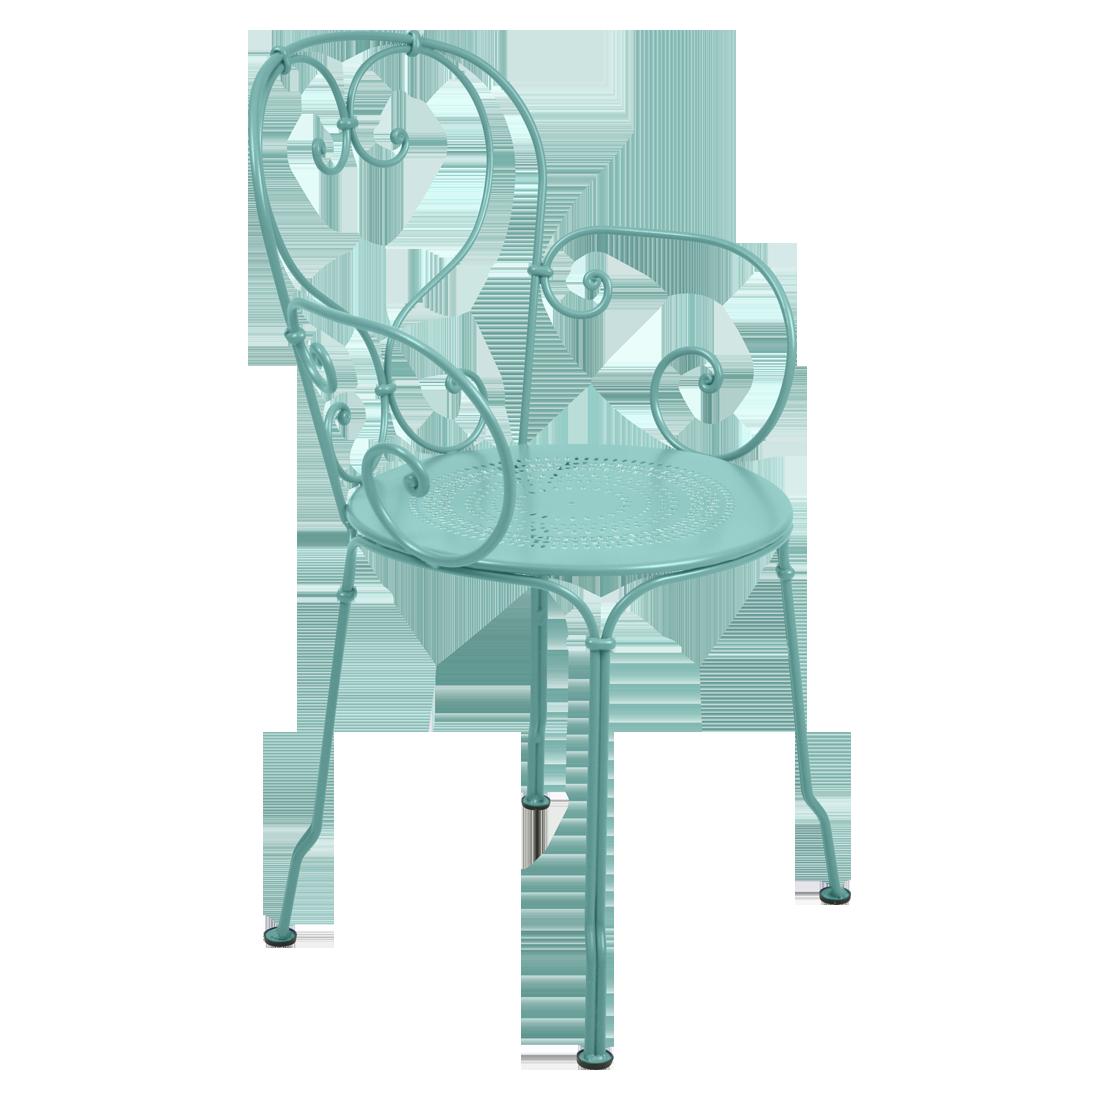 Sessel 1900 Gartensessel Aus Metall Gartenmobel Gartenstuhl Metall Gartensessel Metallstuhle